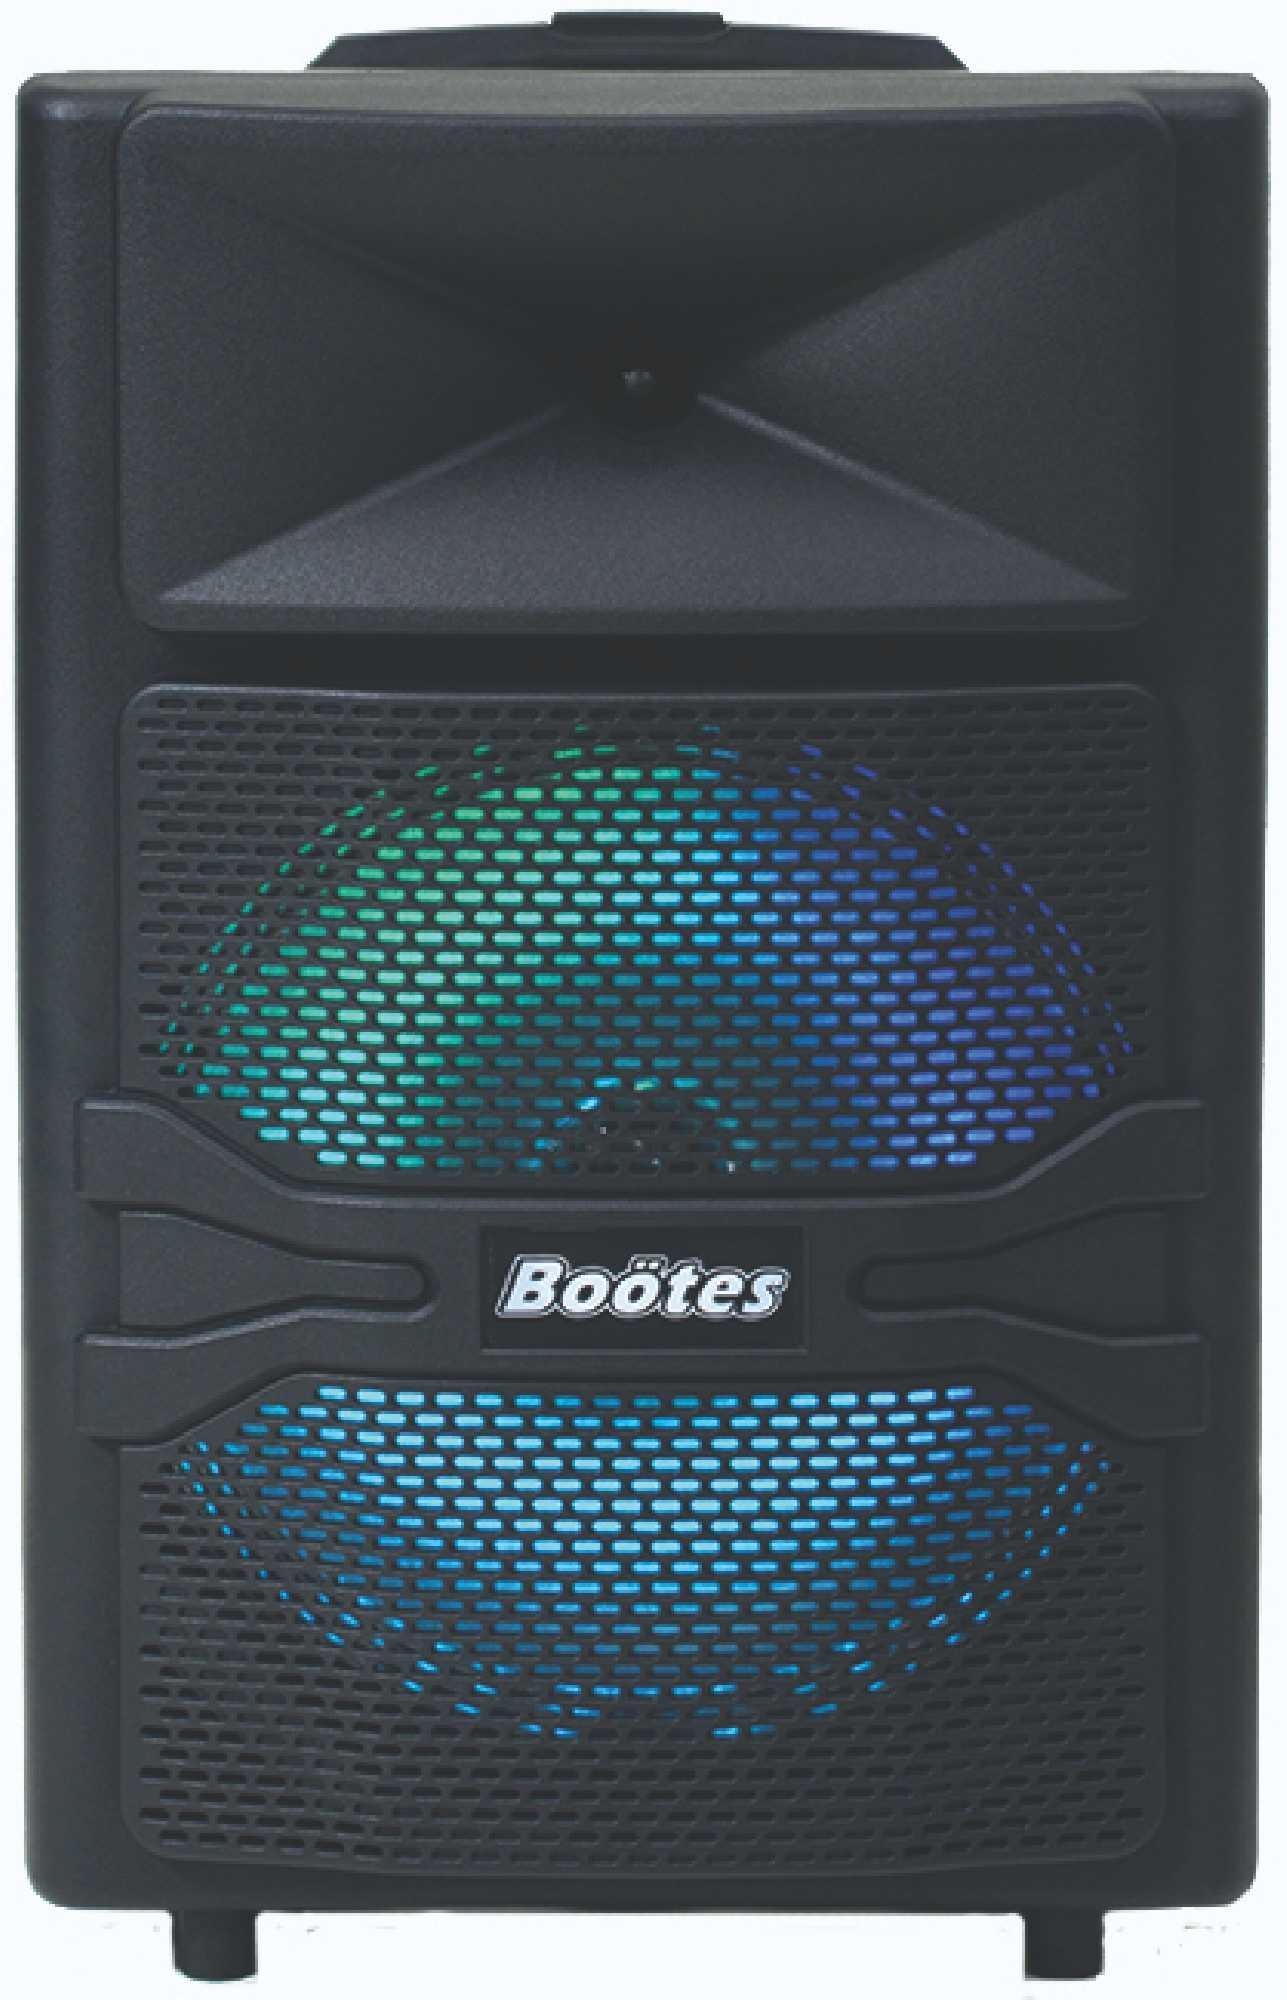 CAIXA DE SOM AMPLIF BOOTES BTU-512M AF 12 POL+TW 200W MUS.  - Audio Video & cia